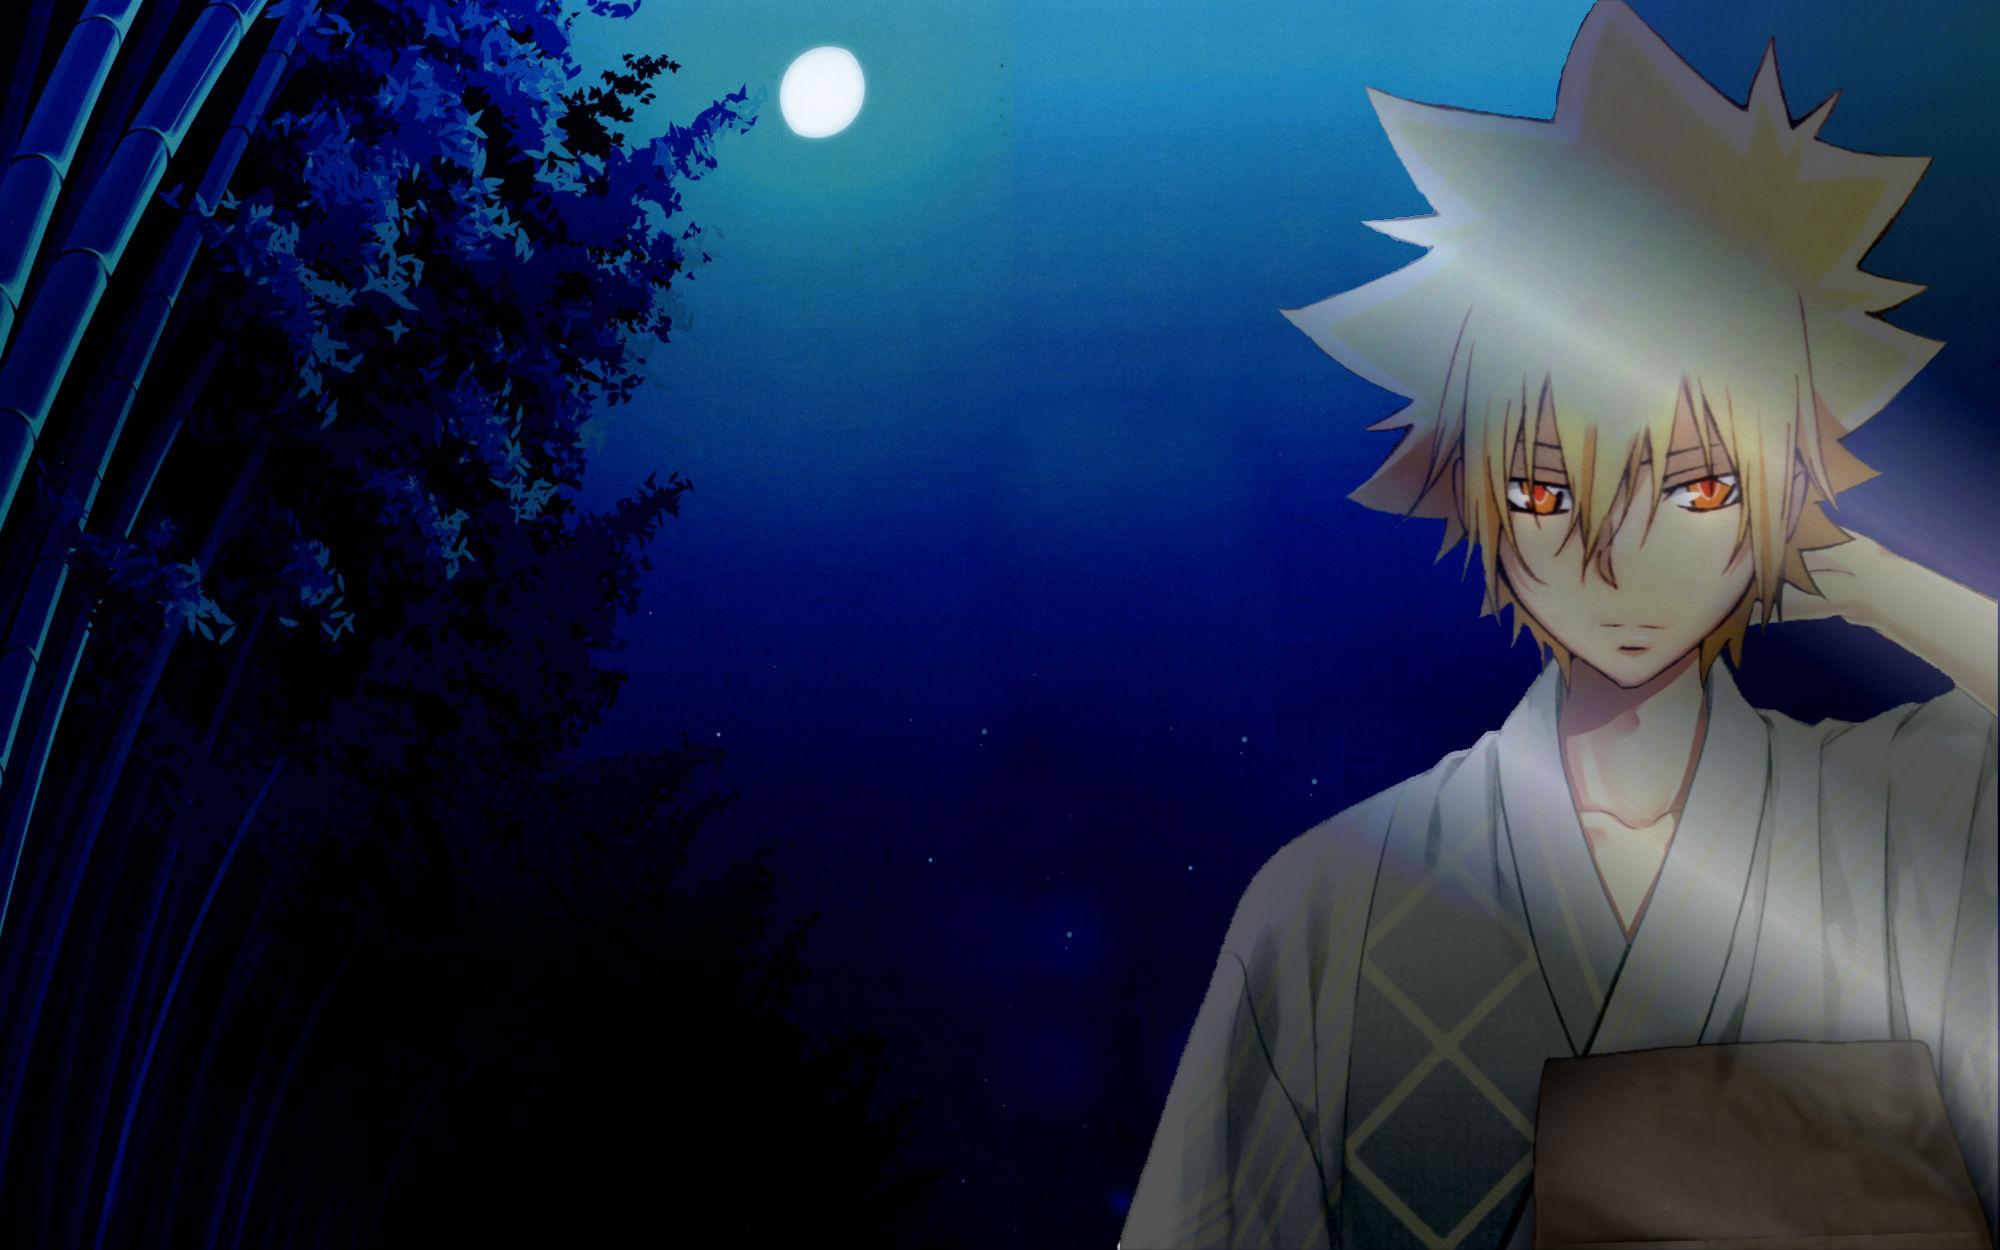 Giotto Yukata Bamboo Moonlight